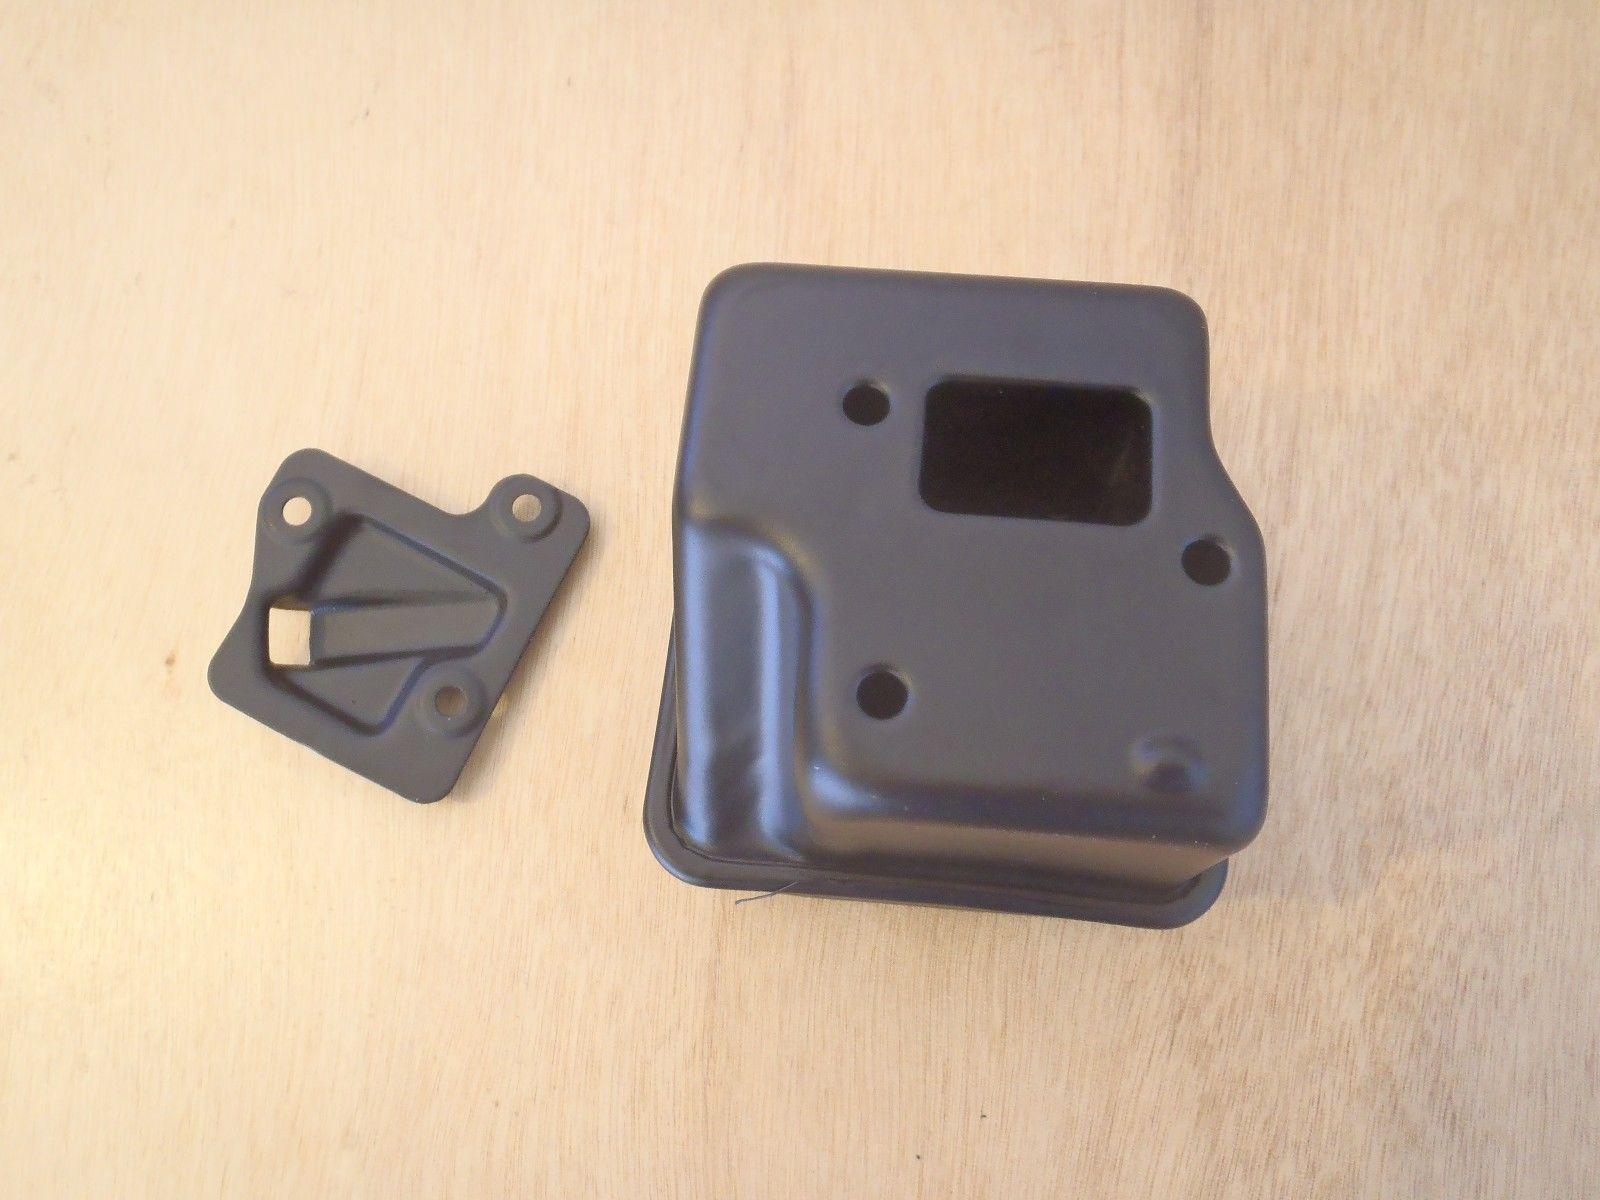 EPDM Zellkautschuk 8mmx5mm einseitig selbstklebend 5m Rolle Moosgummi